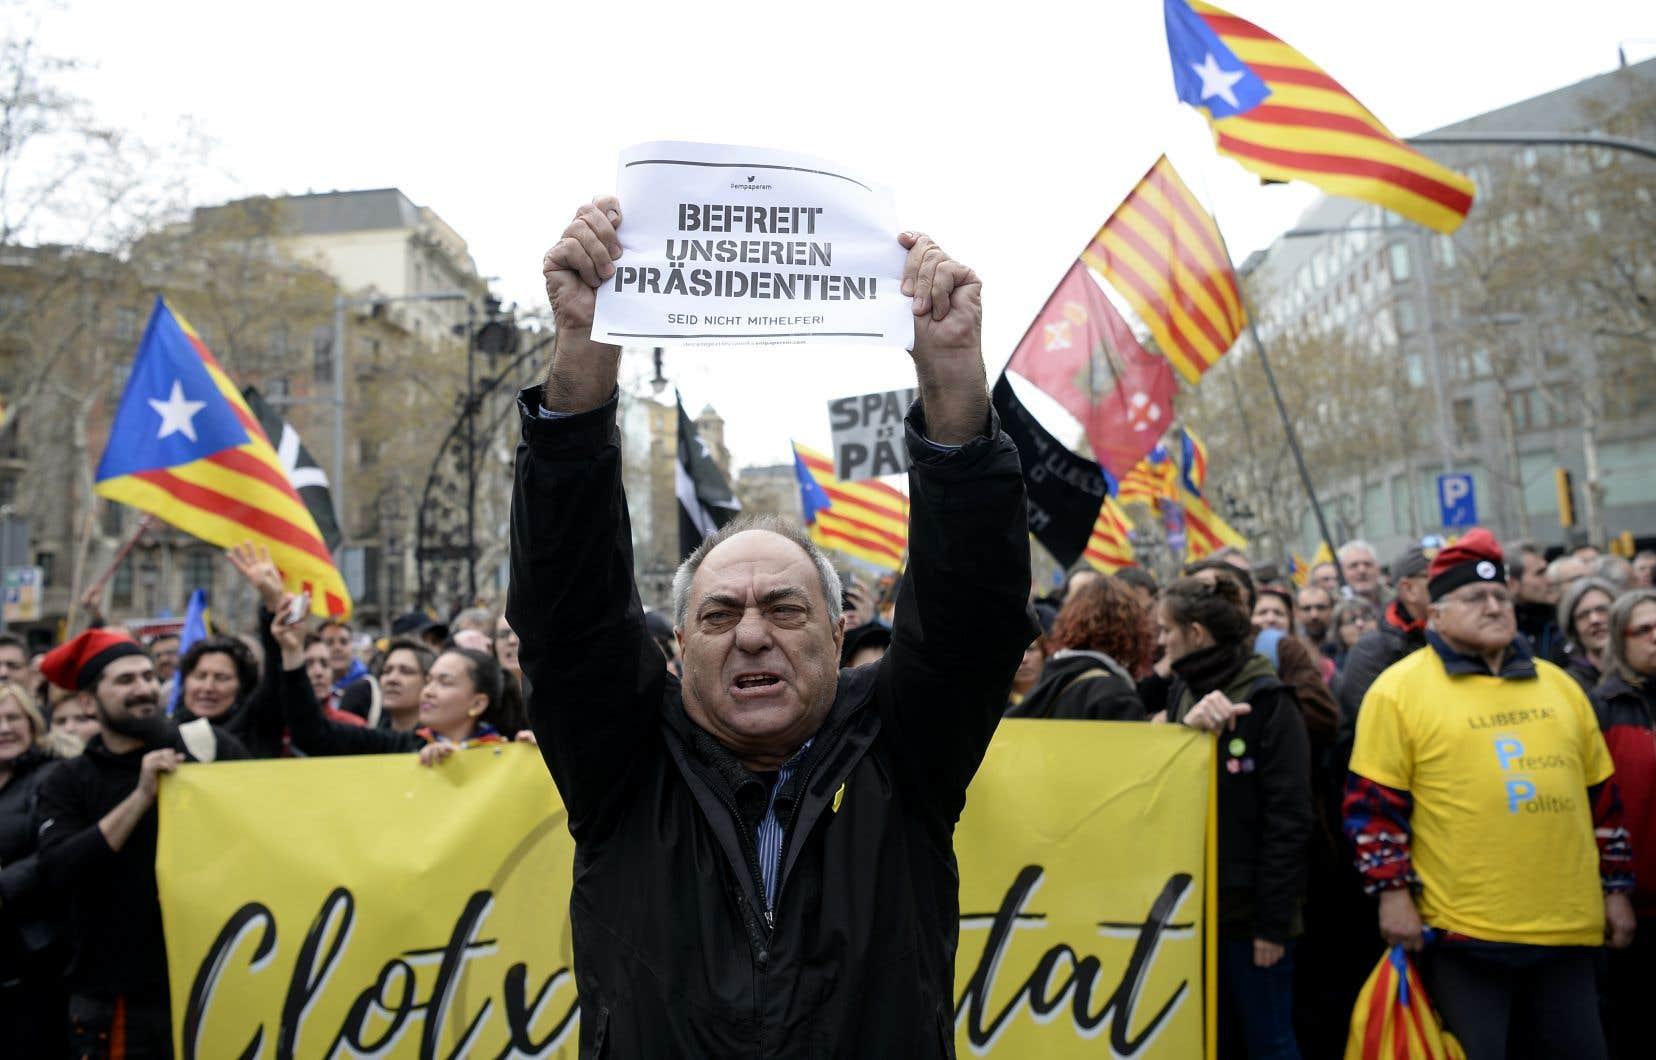 Un manifestant tient une pancarte en allemand disant «Libérez notre président» alors que d'autres brandissent des drapeaux de l'Estelada en faveur de l'indépendance catalane, dimanche, à Barcelone.